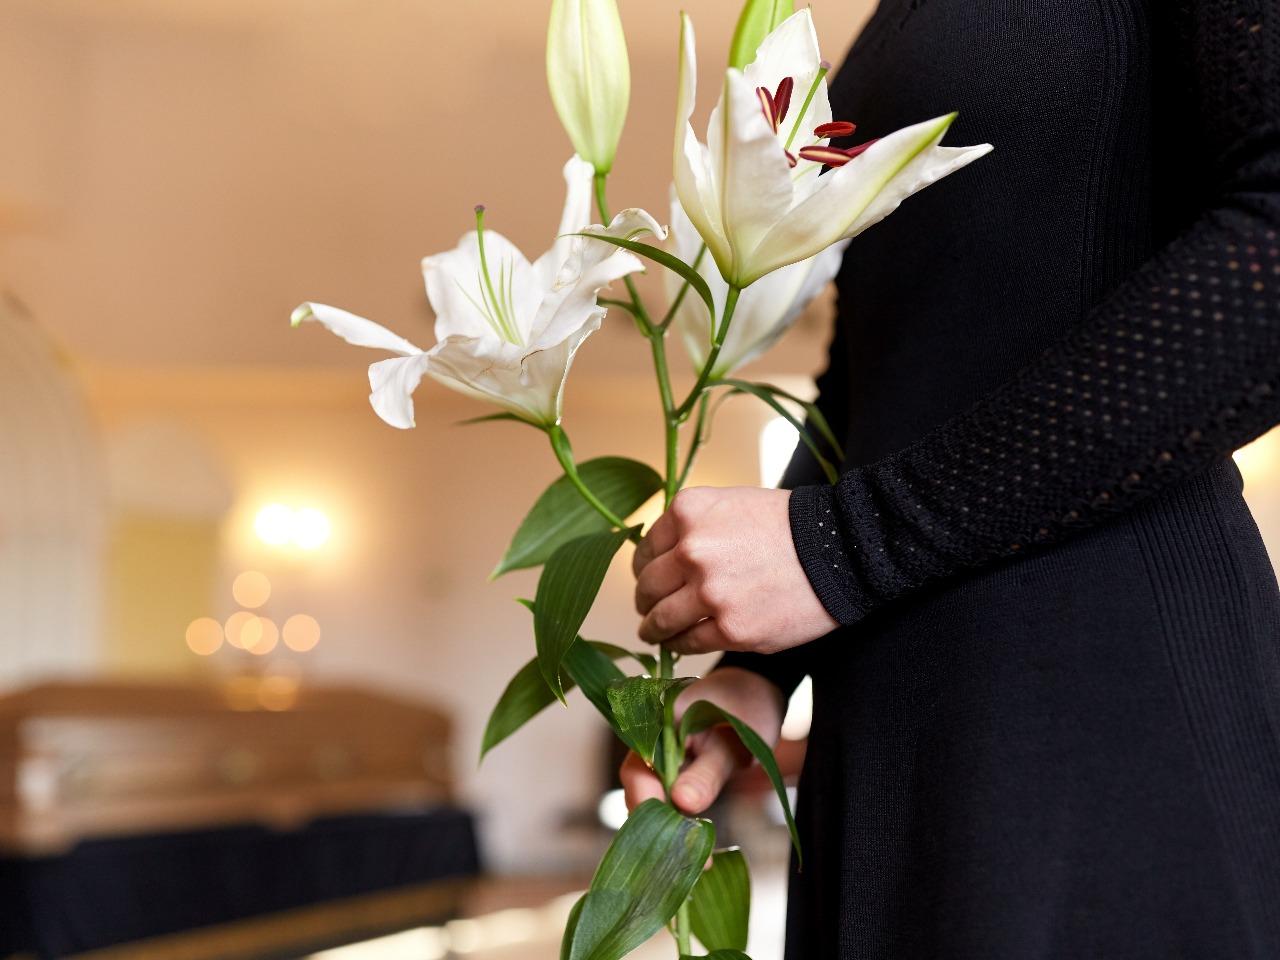 家族葬を行いたい社員の気持ちを尊重する